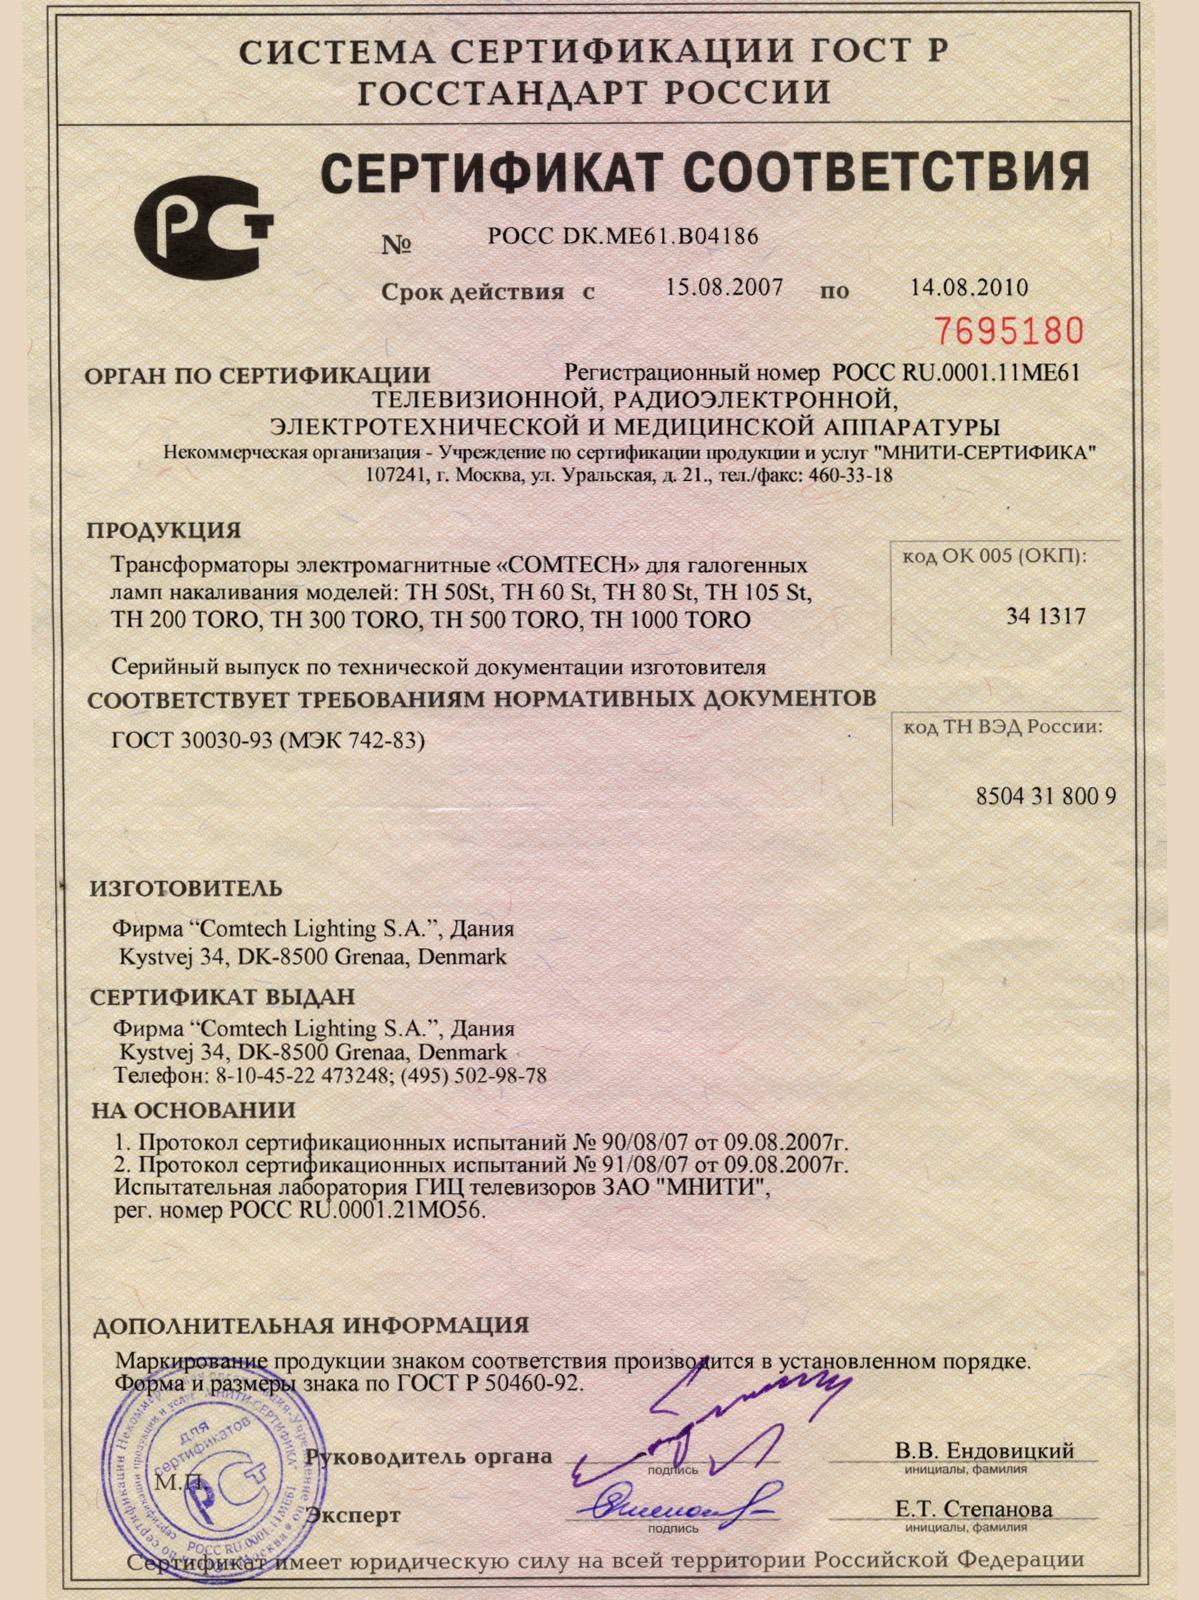 Сертификат на трансформаторы электромагнитные th